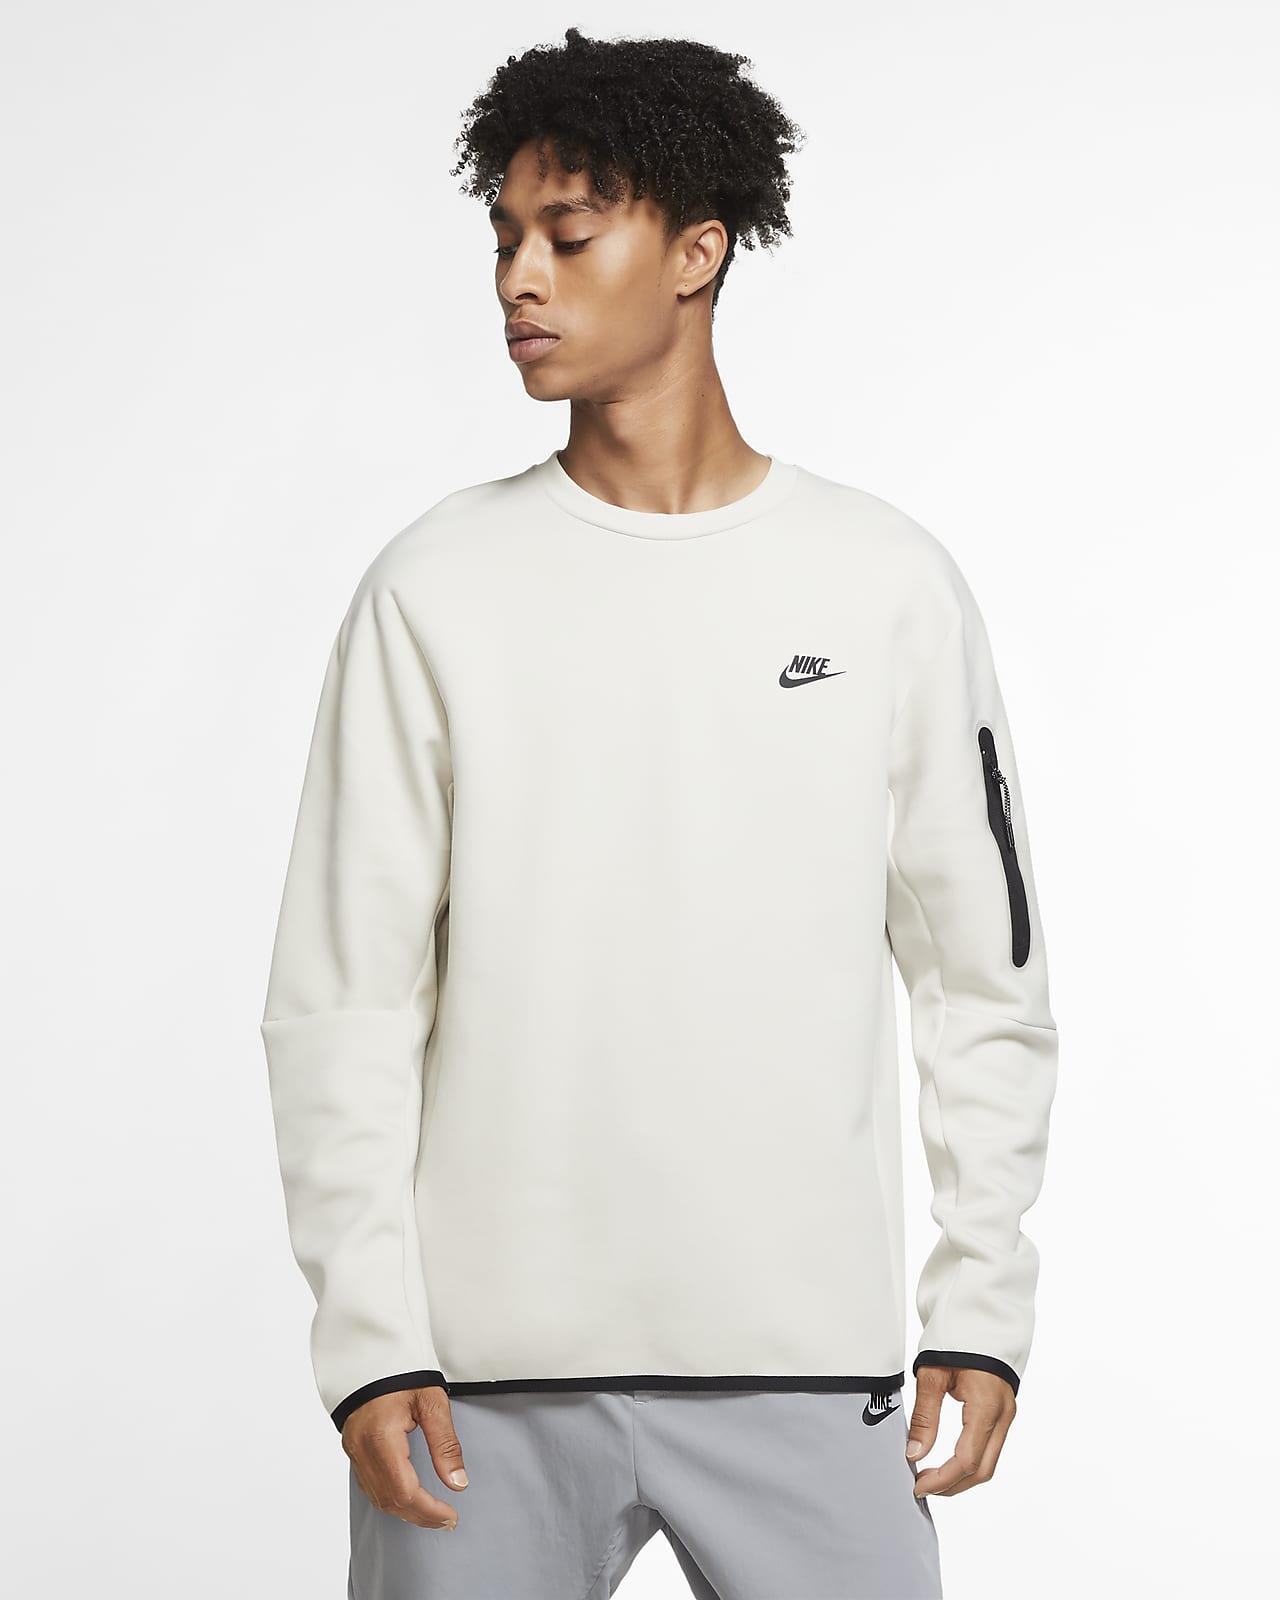 Incorporar Corredor transmisión  Nike Sportswear Tech Fleece Equipo de hombresNike Sportswear Tech Fleece  Equipo de hombres. Nike.com